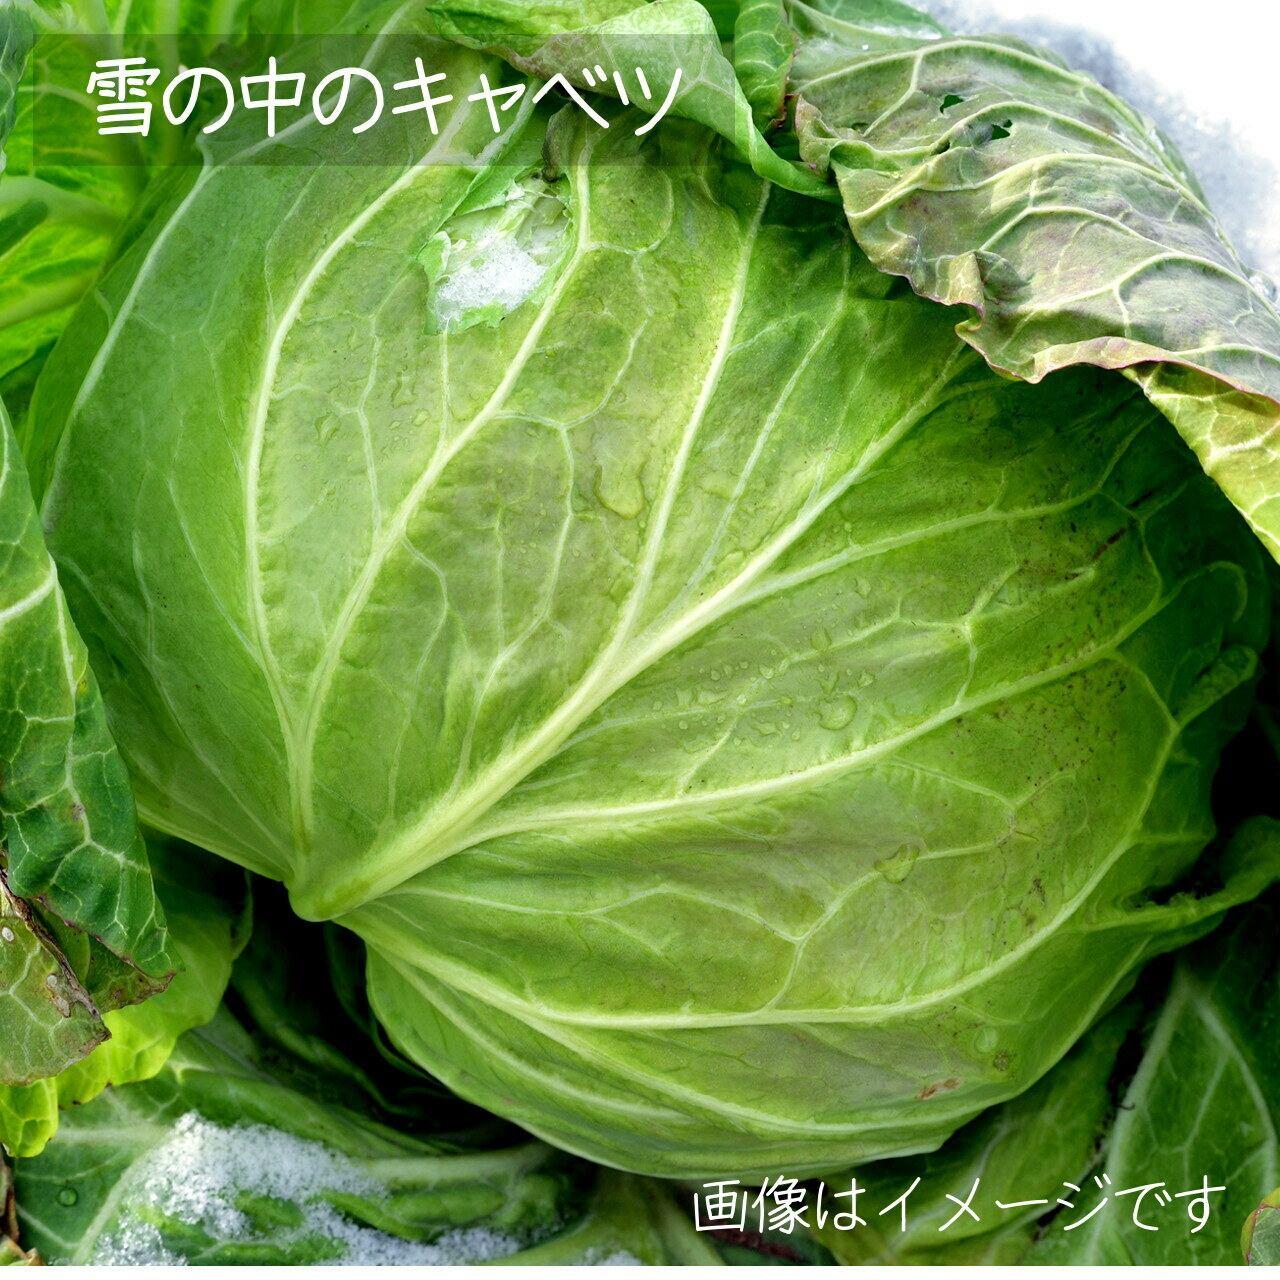 新鮮な秋野菜 : キャベツ 1個 9月の朝採り直売野菜 9月21日発送予定